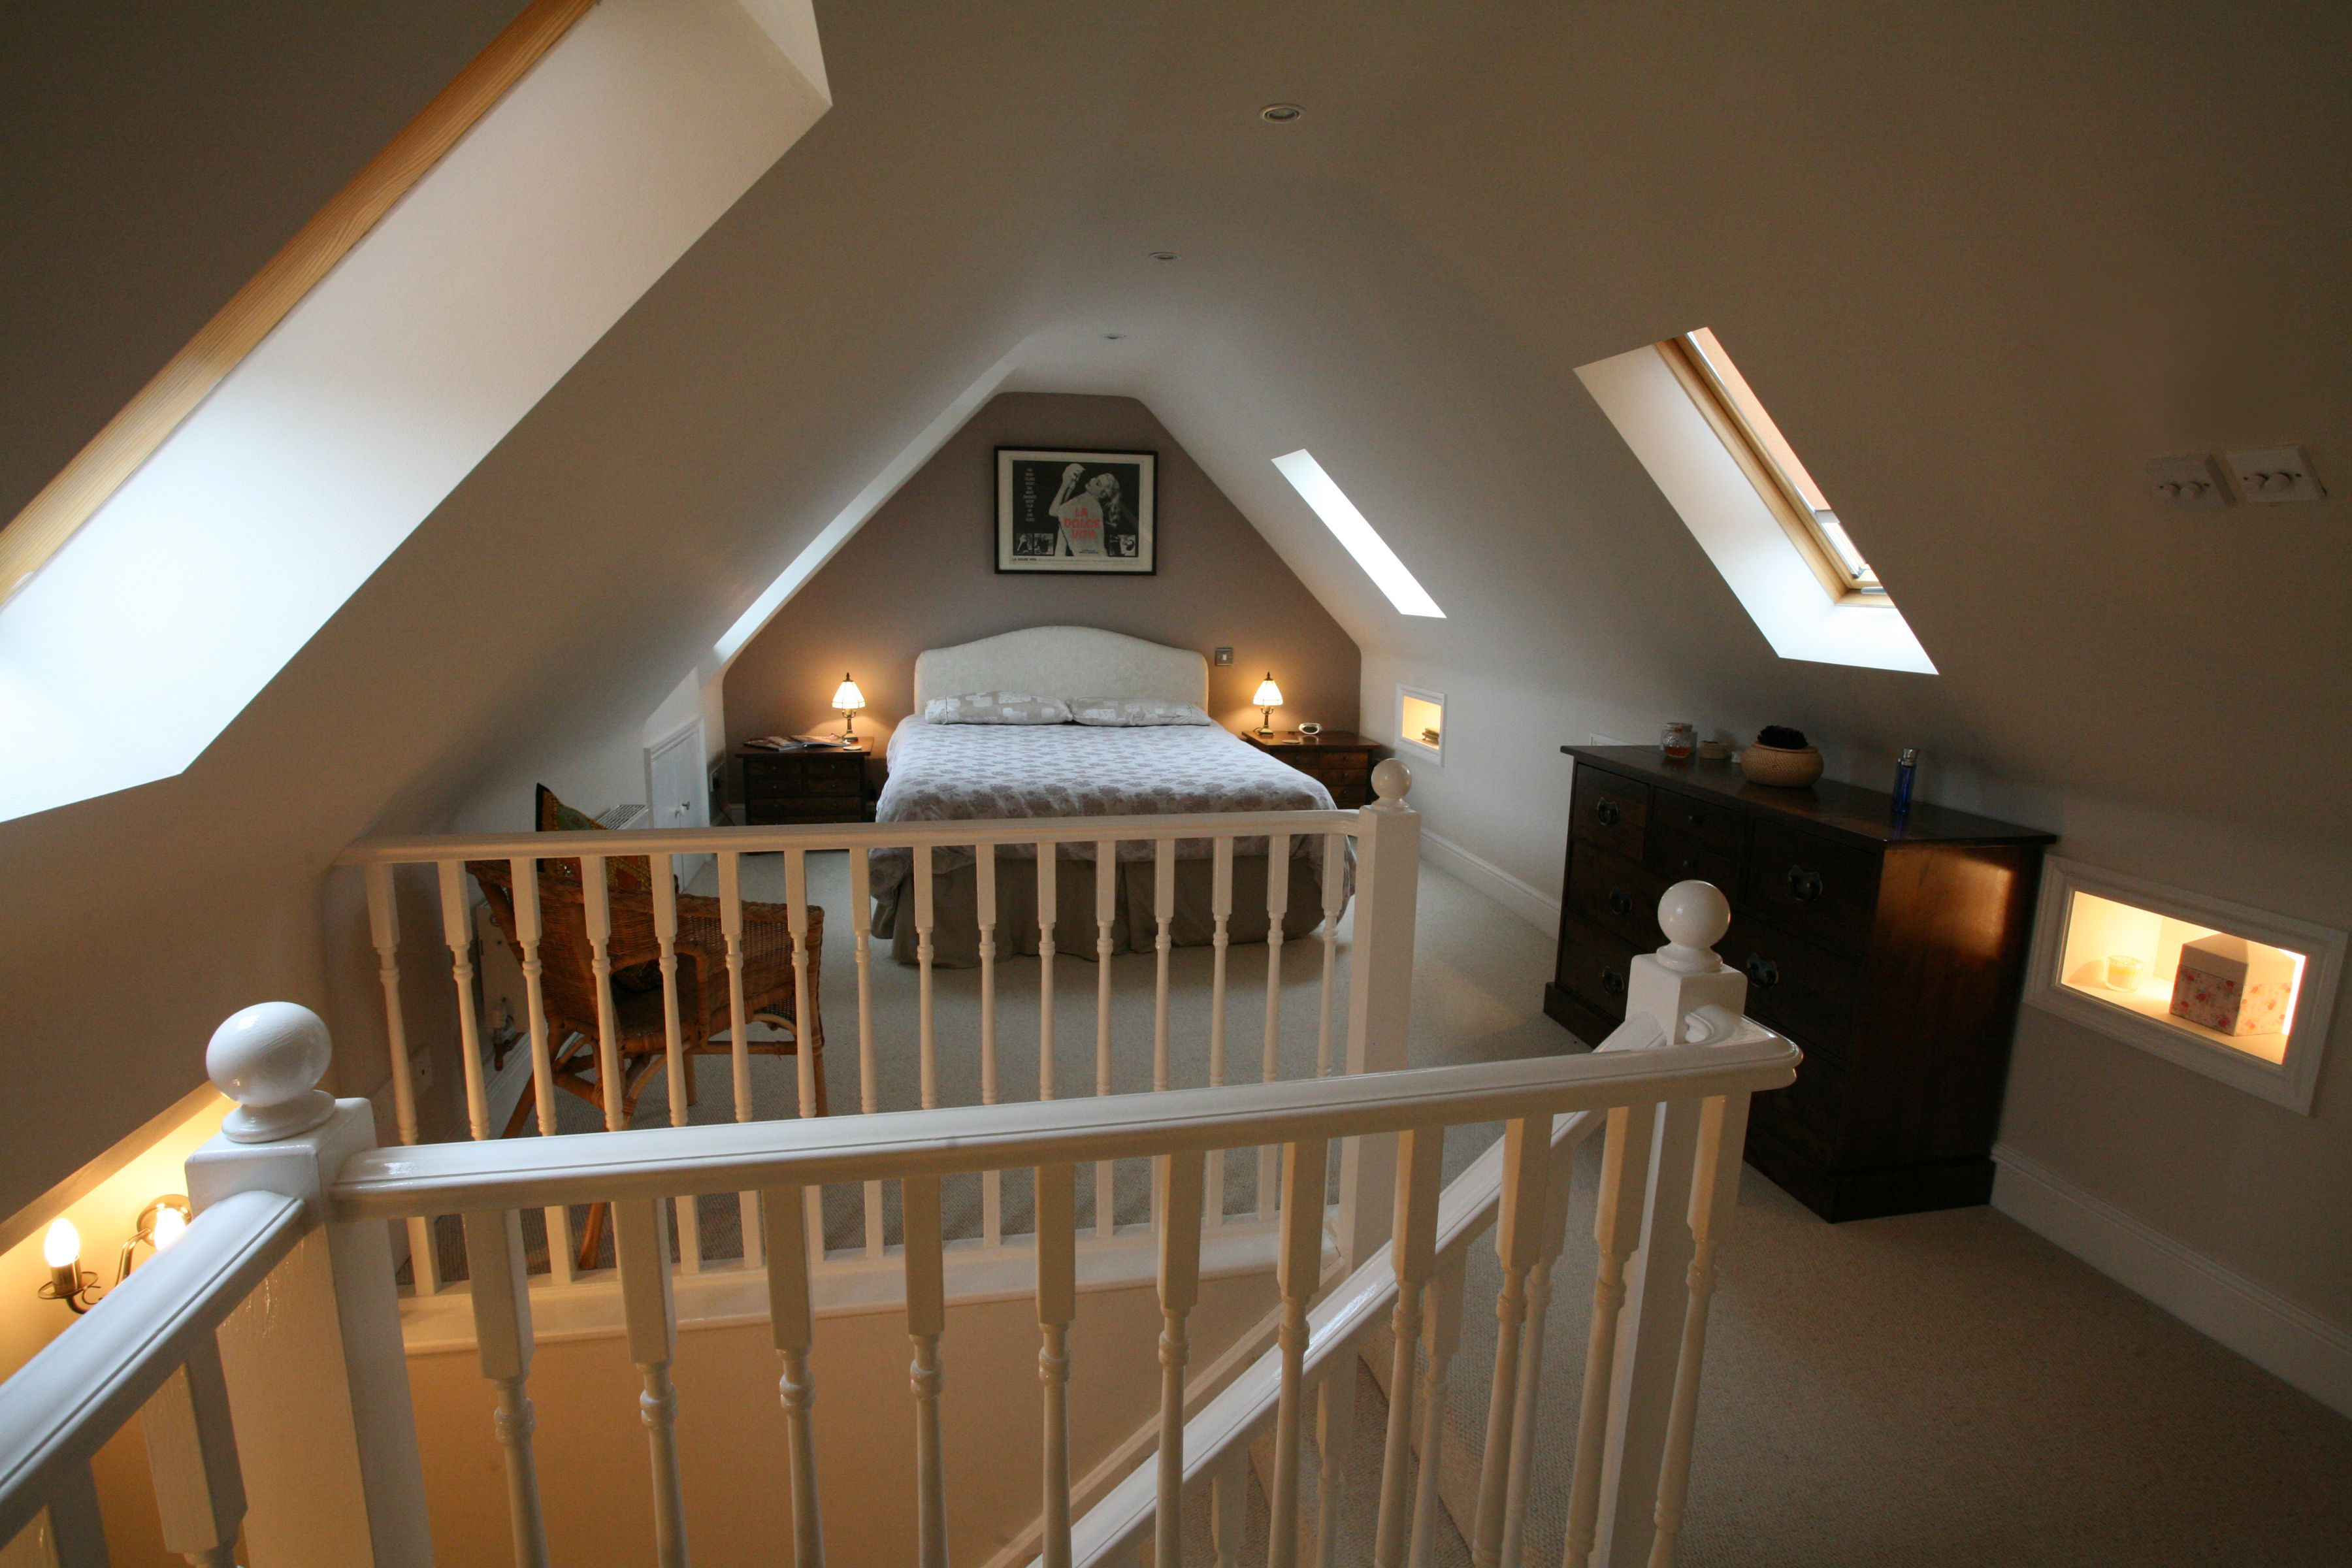 Image Result For Loft Conversions Idea Attic Bedroom Small Attic Bedrooms Attic Bedroom Designs